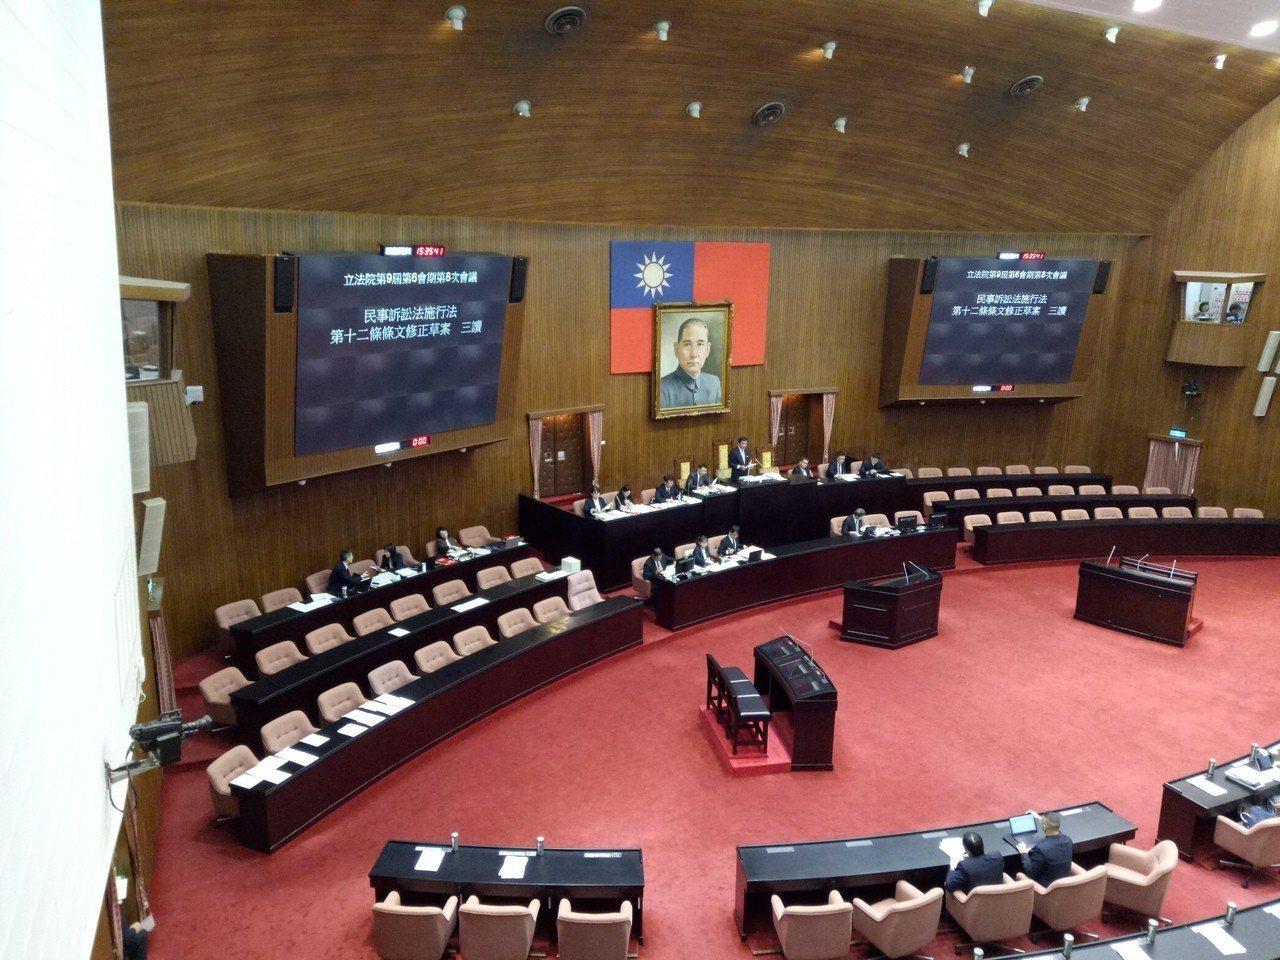 立法院9日三讀通過「就業服務法」部分條文修正案等多項法案。 記者林河名/攝影